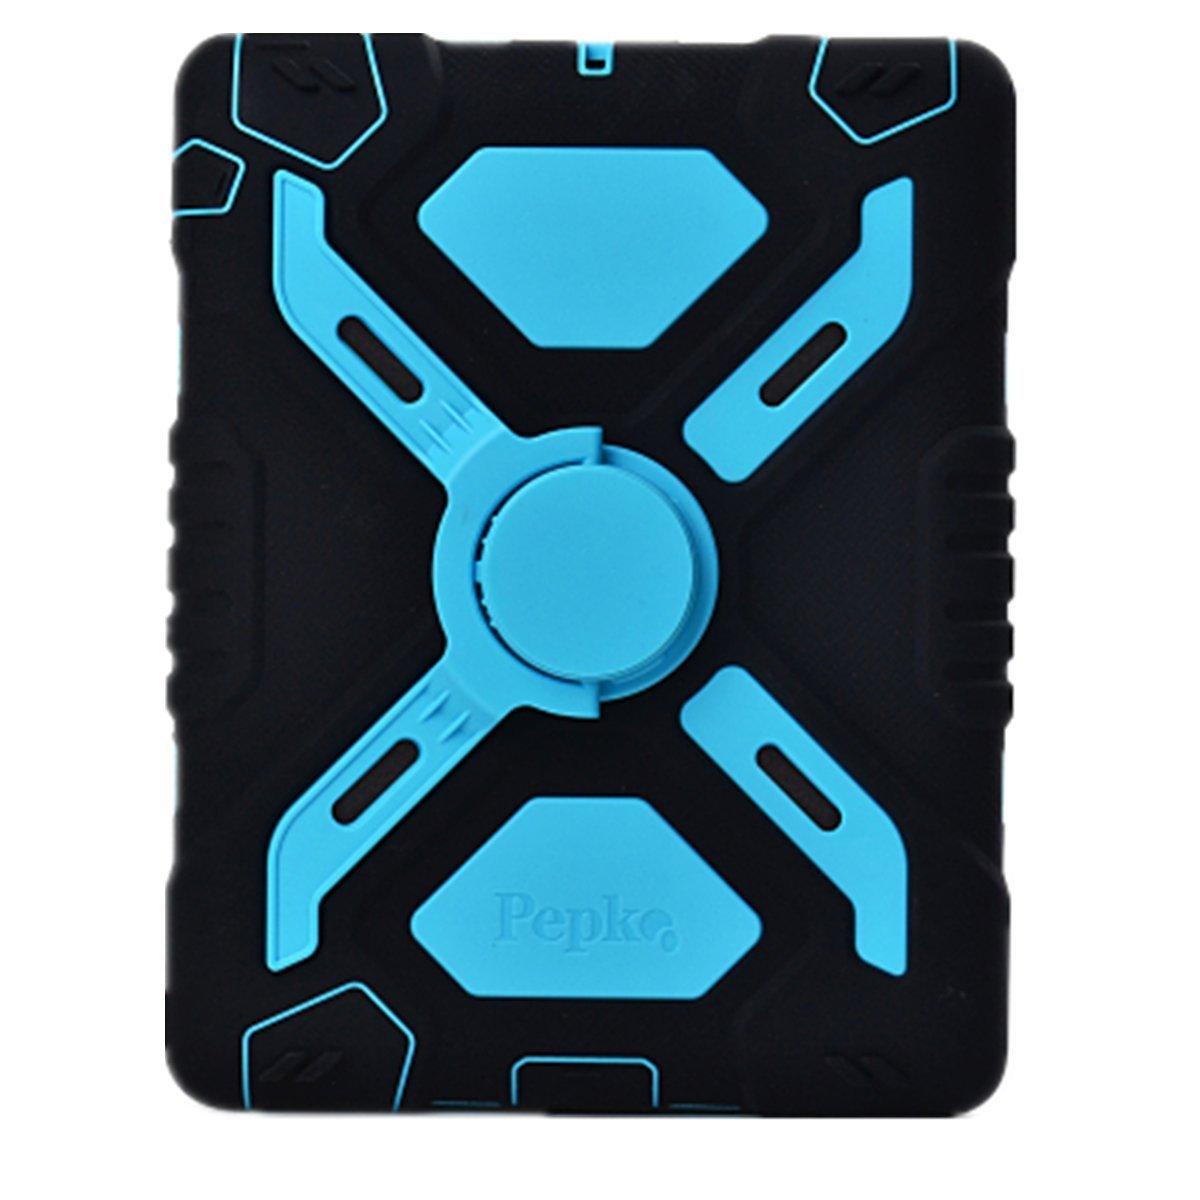 New Robuste R/¨/¦sistant aux Chocs salet/¨/¦ Neige Sable Proof Survivor Extreme Heavy Duty Enfant Cadeau Pochette avec Support pour Apple iPad Mini 1 2 3 Meiya iPad Mini Coque Black+Black